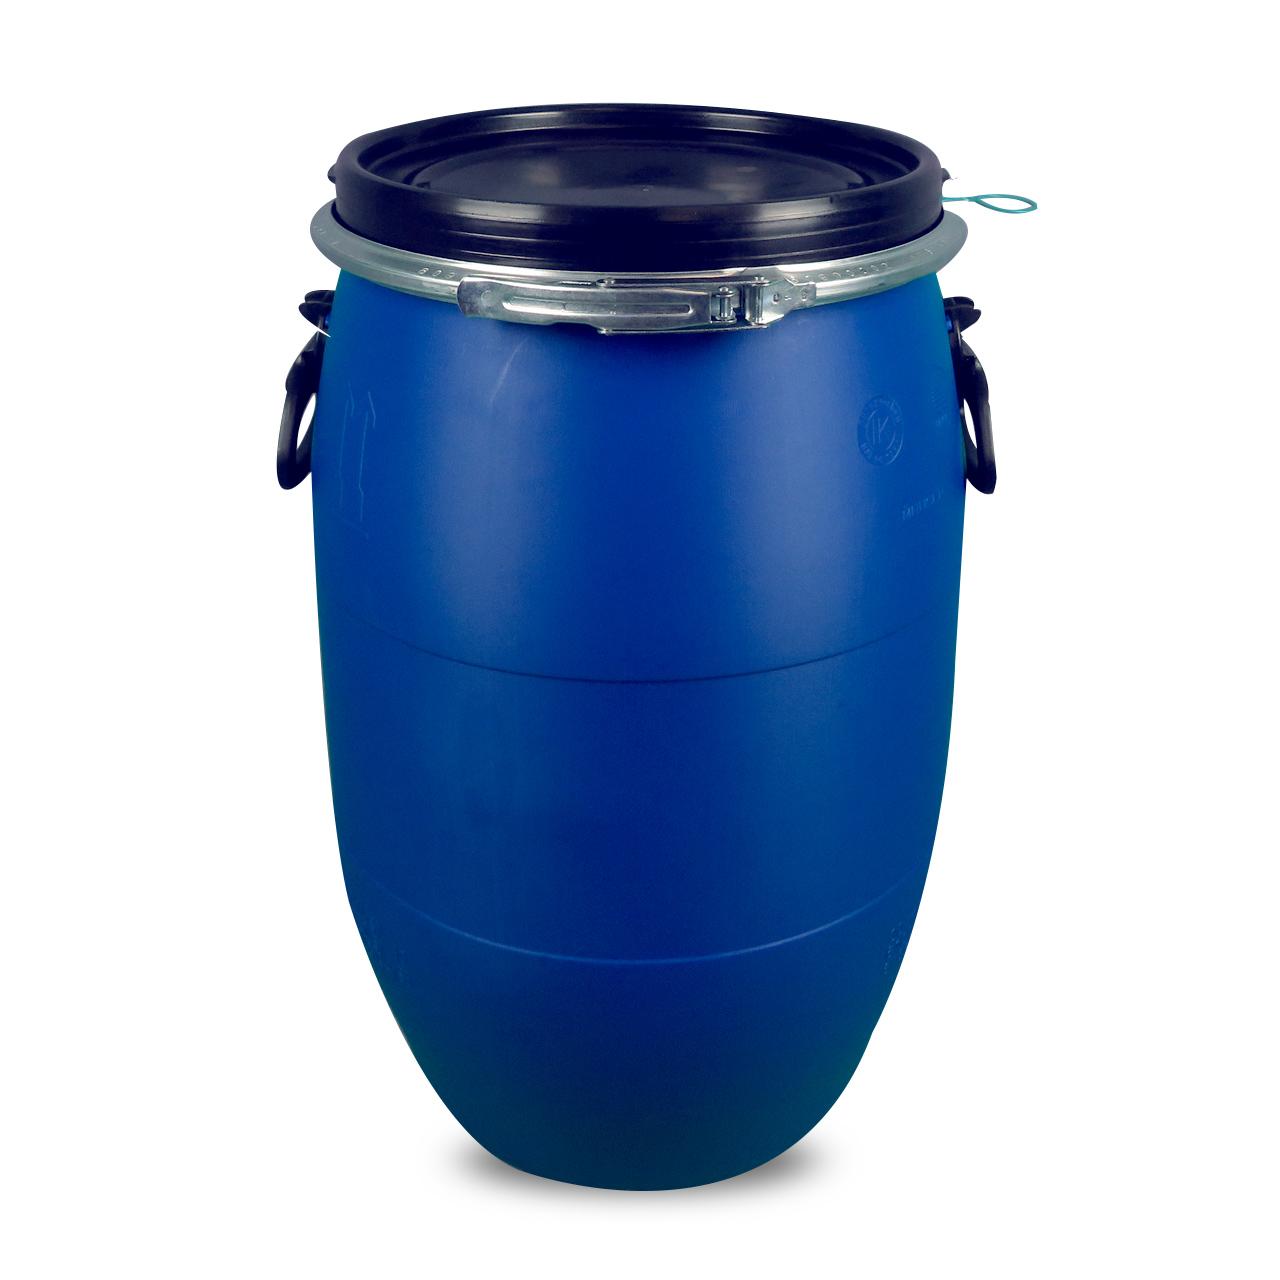 60 L Kunststoffdeckelfass, blau, lebensmittelecht, MAUSER, UN